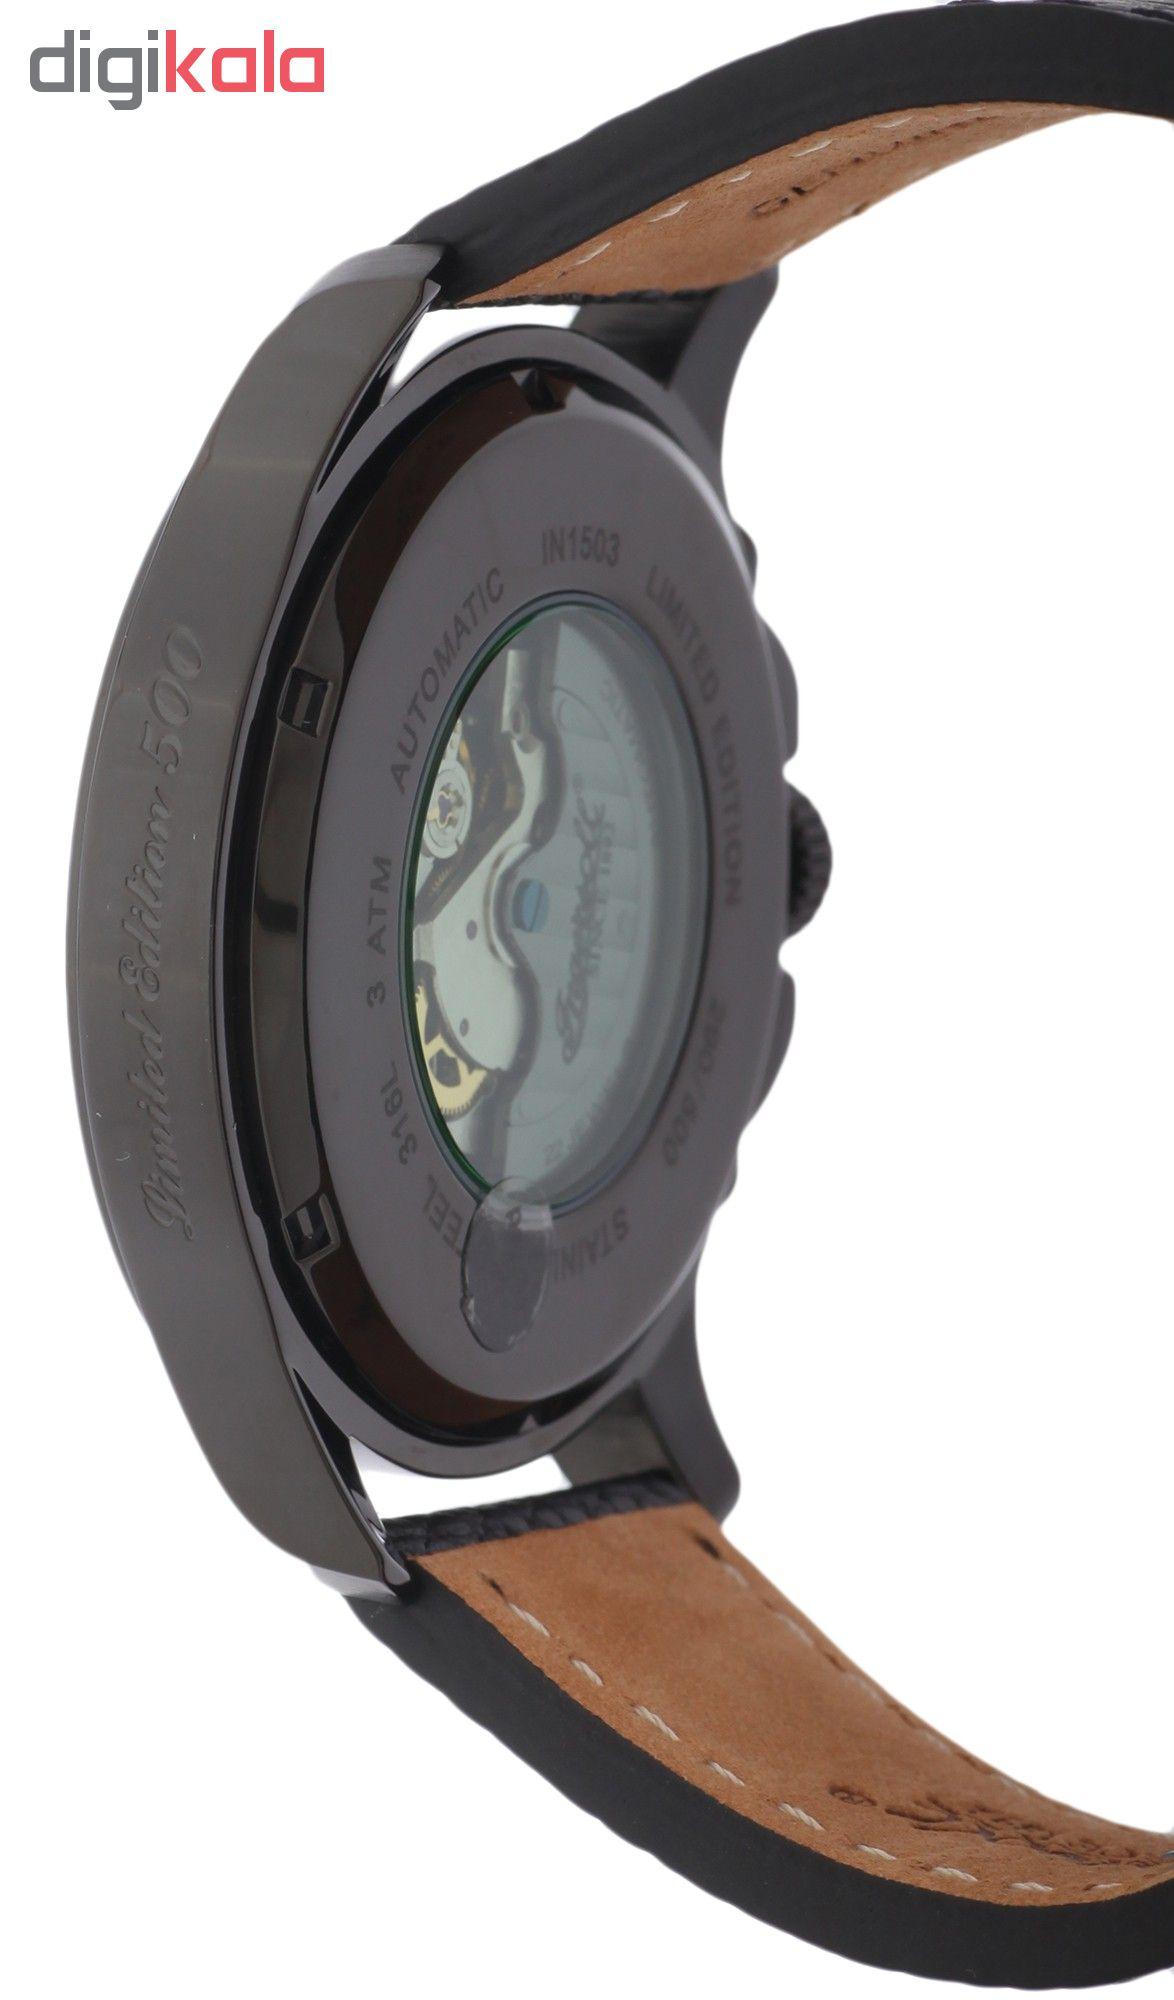 ساعت مچی عقربه ای مردانه اینگرسل مدل IN1503BKGR